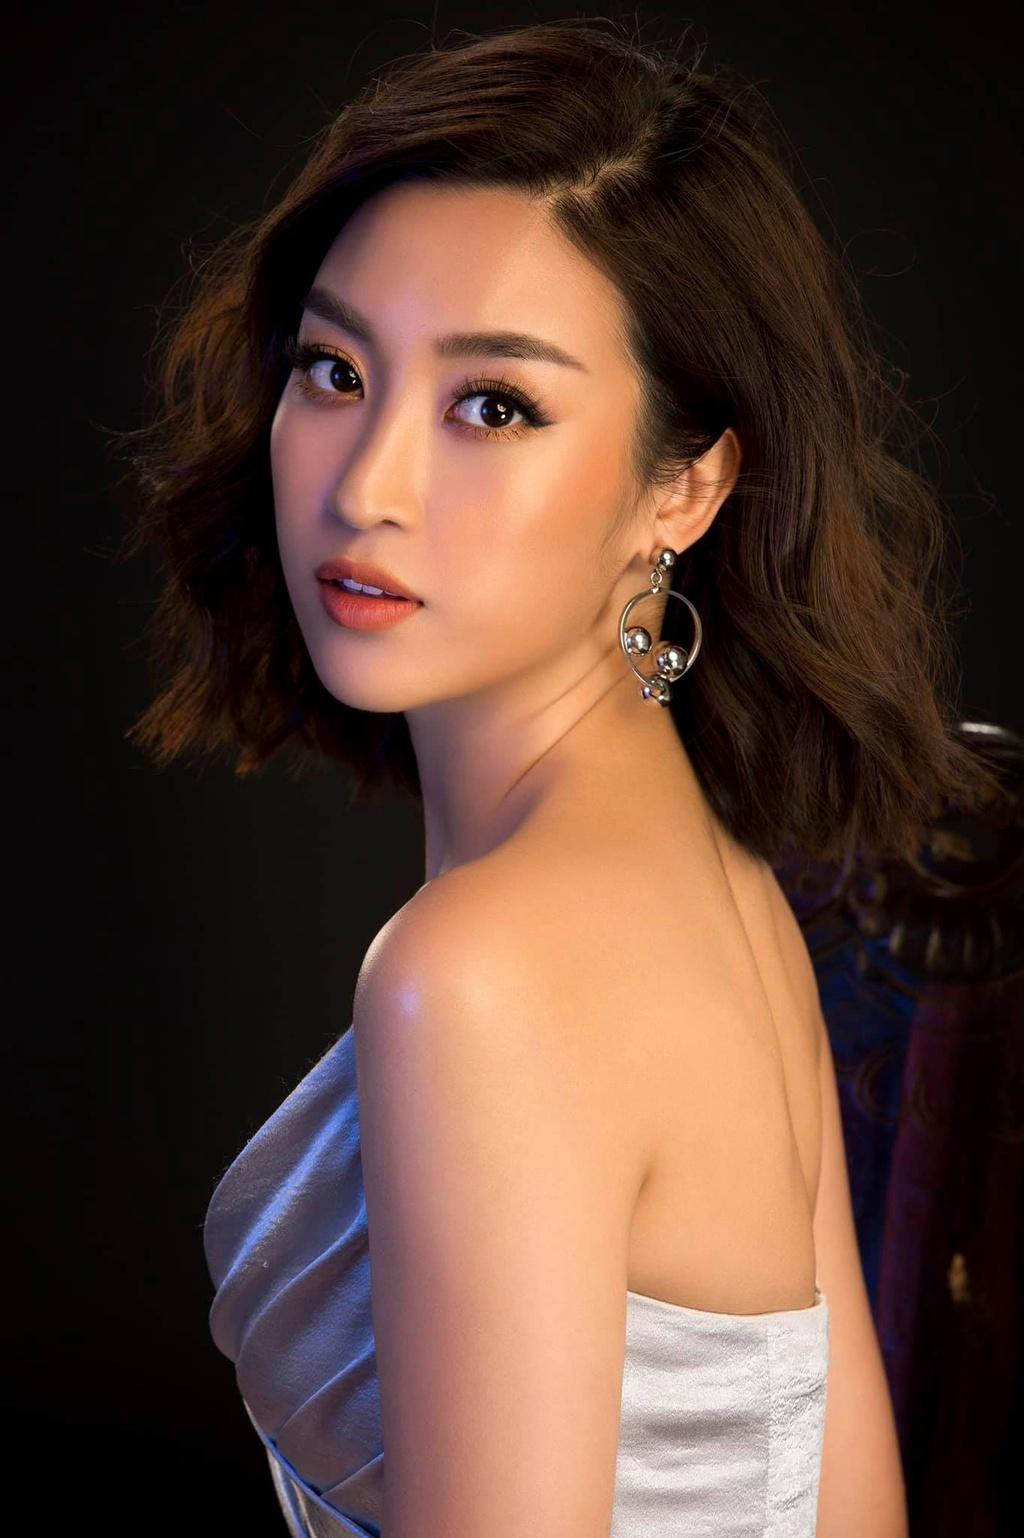 Vẻ nóng bỏng của Tiểu Vy, Đỗ Mỹ Linh... khi được đề cử thi Miss Grand International - ảnh 1